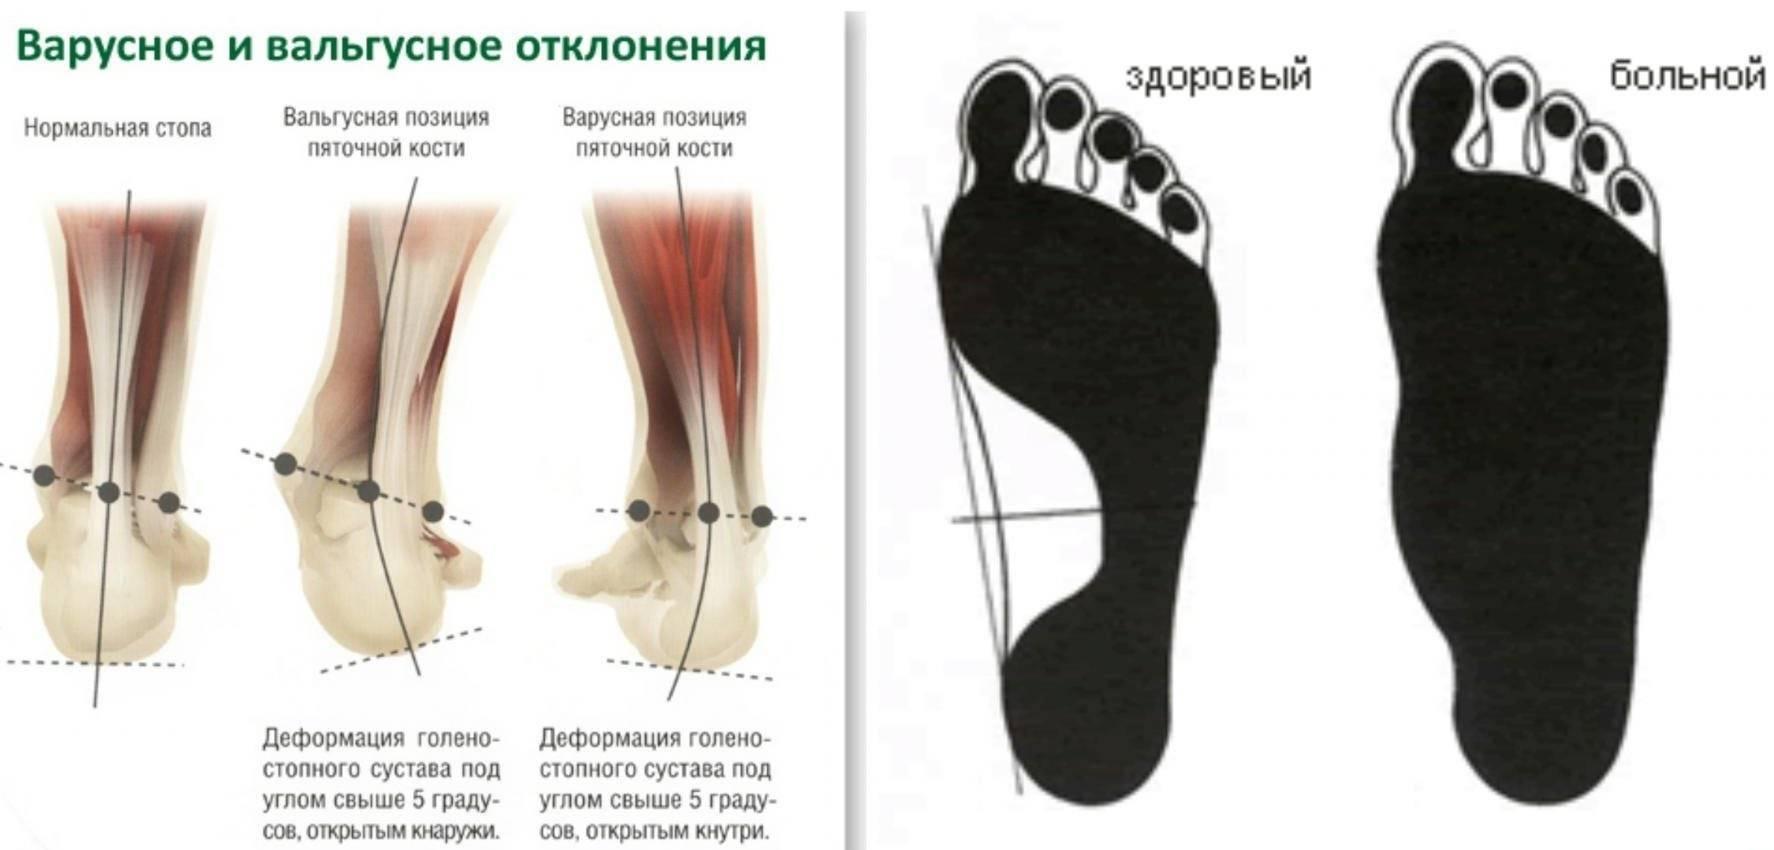 Варусная деформация стопы у детей и взрослых: лечение, массаж нижних конечностей